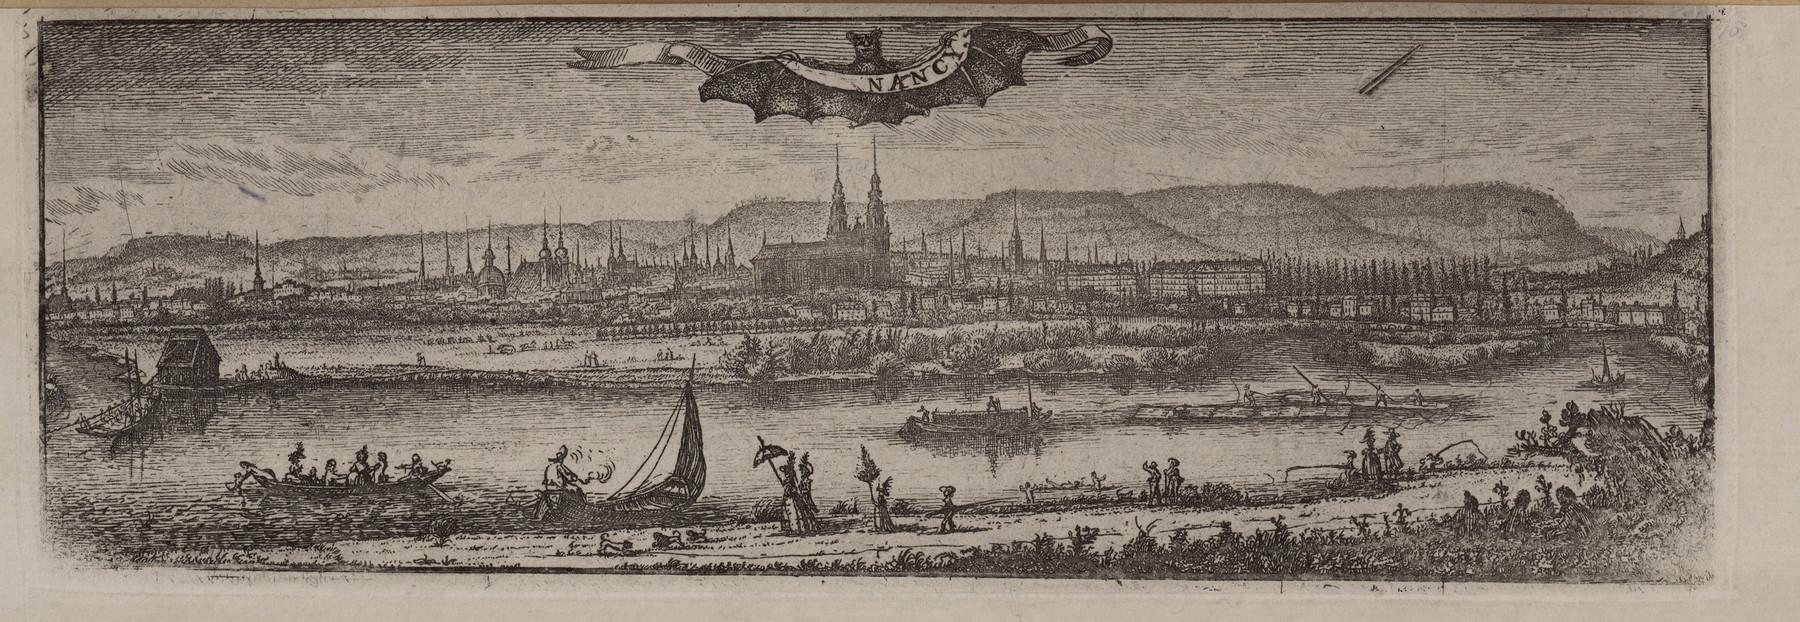 Contenu du Nancy. Vue gravée par Herpin vers 1790-1800